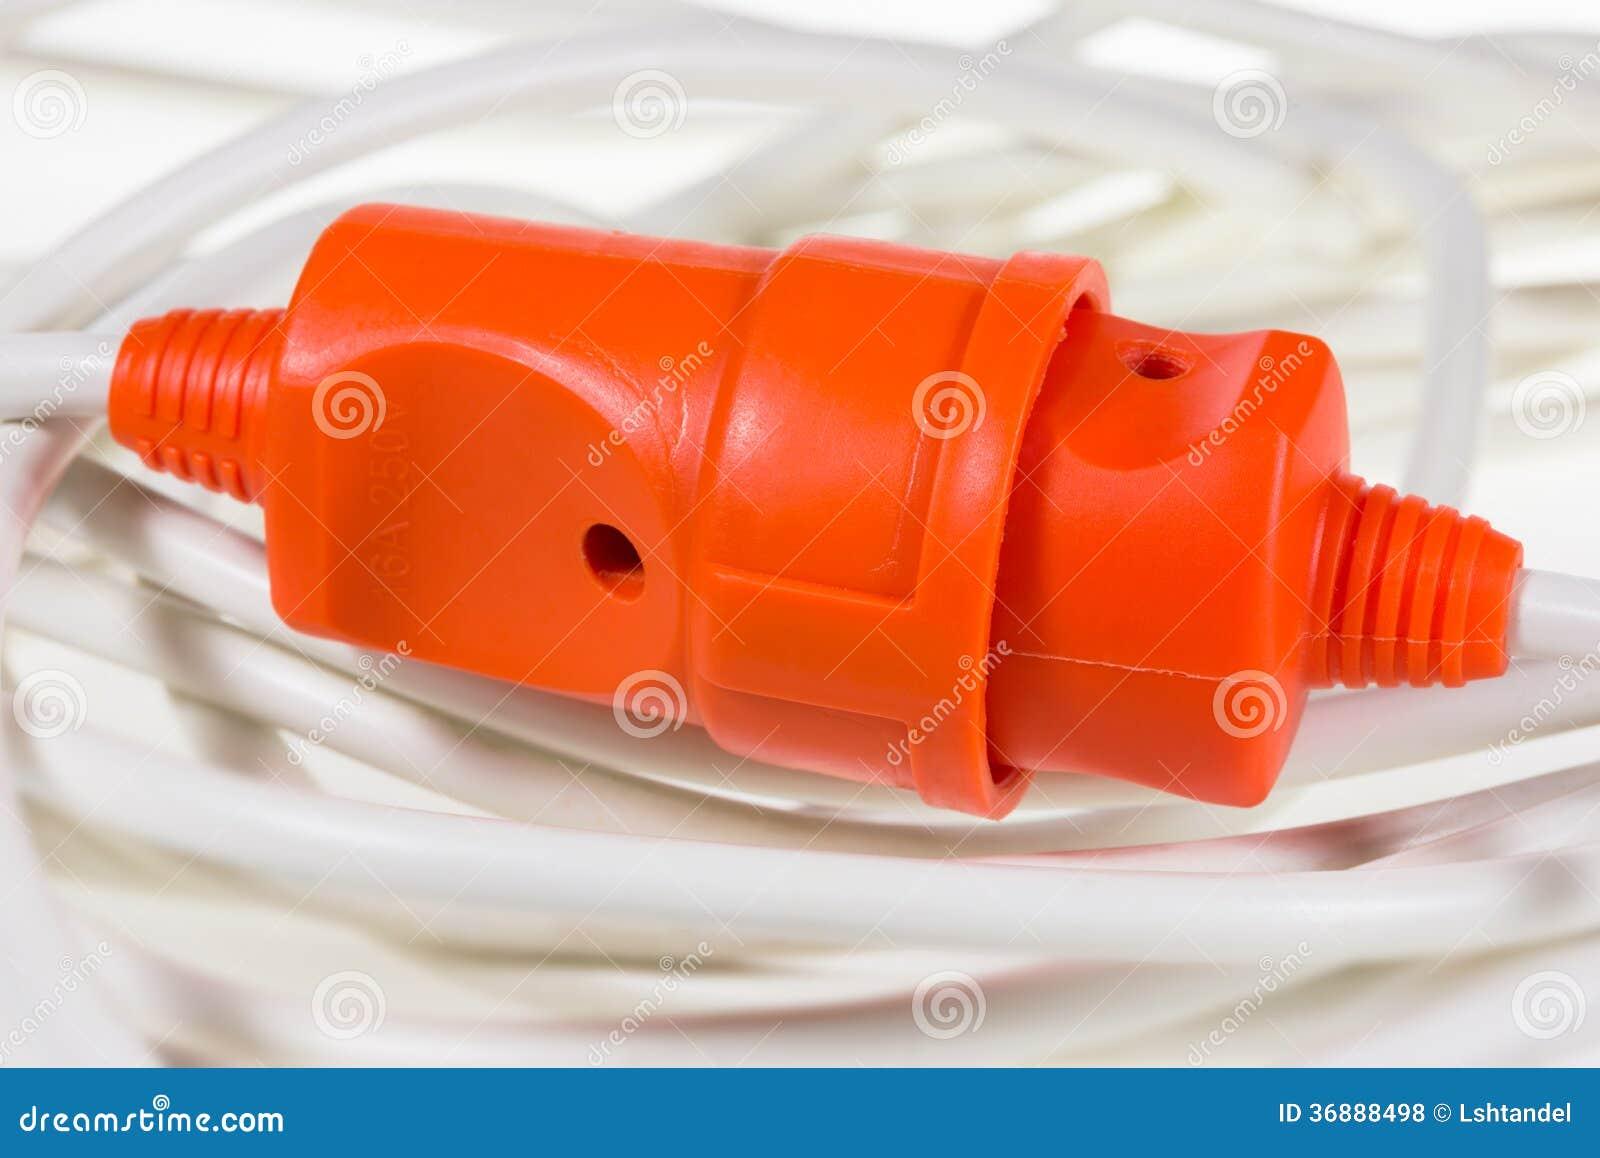 Download Colore Rosso Dell'incavo E Della Spina Elettrica Sui Cavi Bianchi Fotografia Stock - Immagine di gemellato, collegamento: 36888498